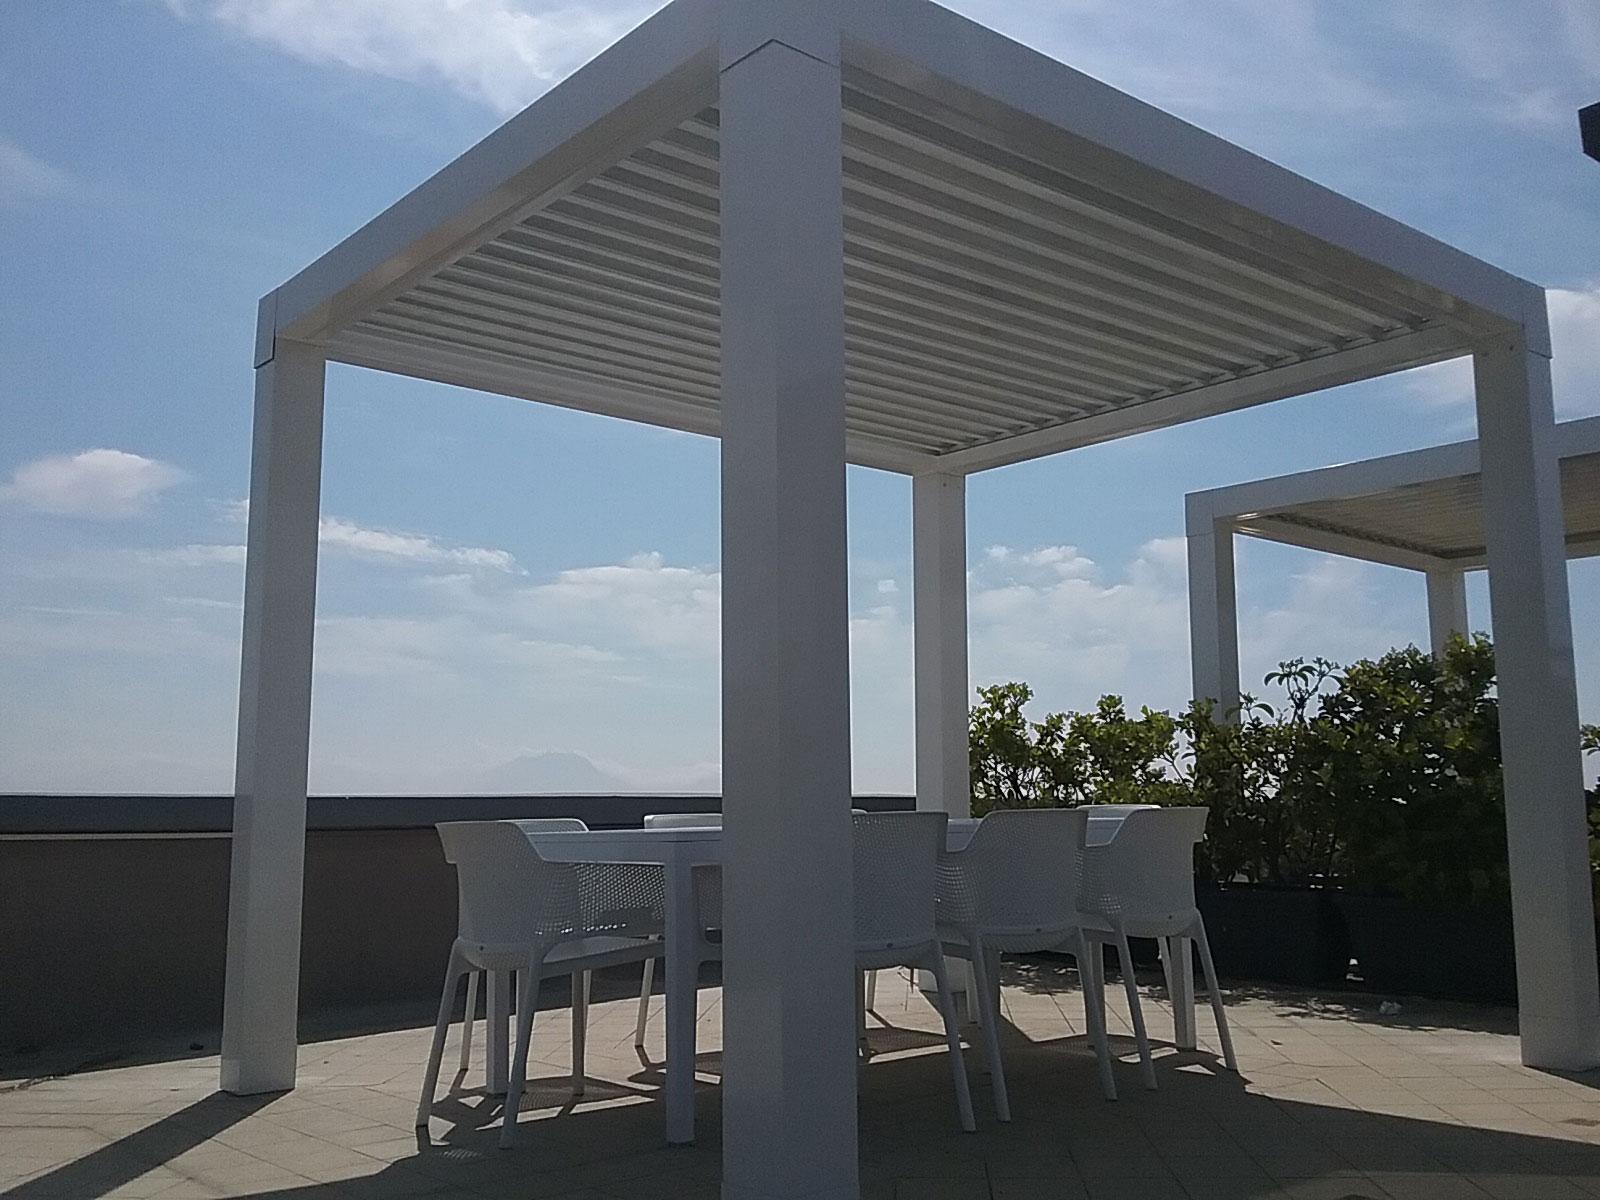 Privato napoli pergola bioclimatica de vivo mod dama for Arredo terrazzo napoli